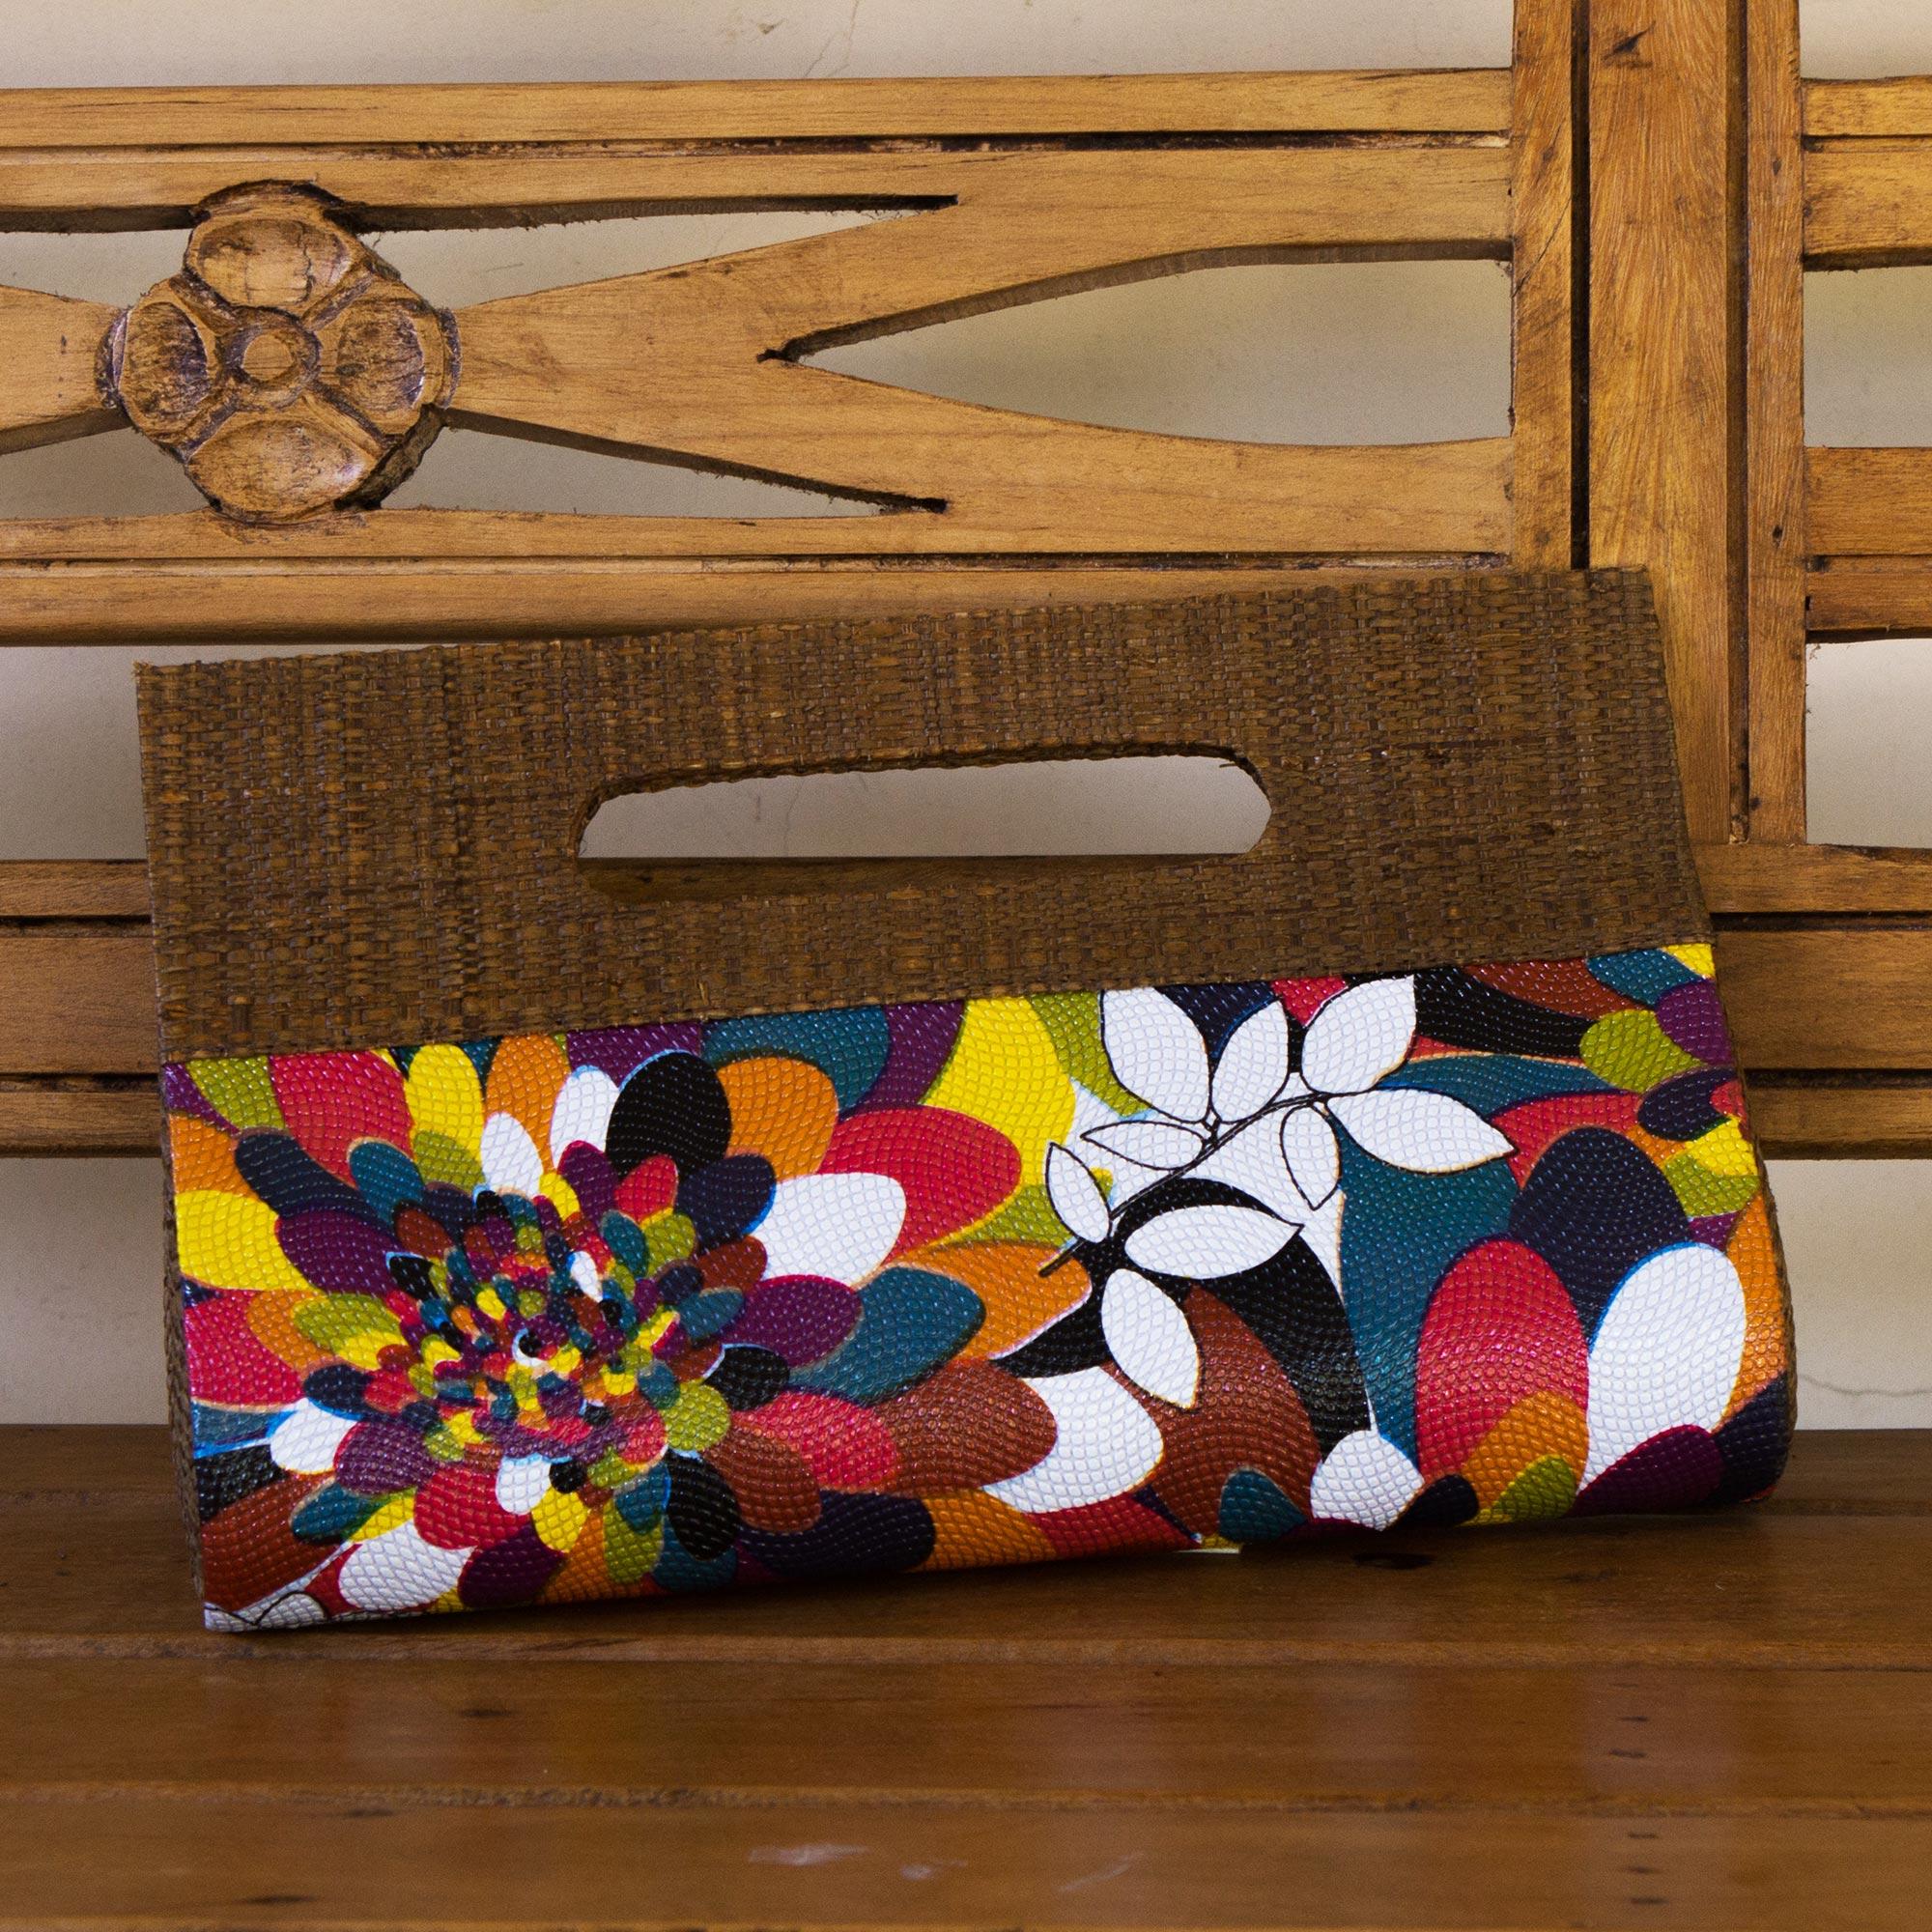 Palm leaf handbag, 'Psychedelic Jungle' Psychedelic Jungle Colorful Handcrafted Palm Leaf Handbag from Brazil